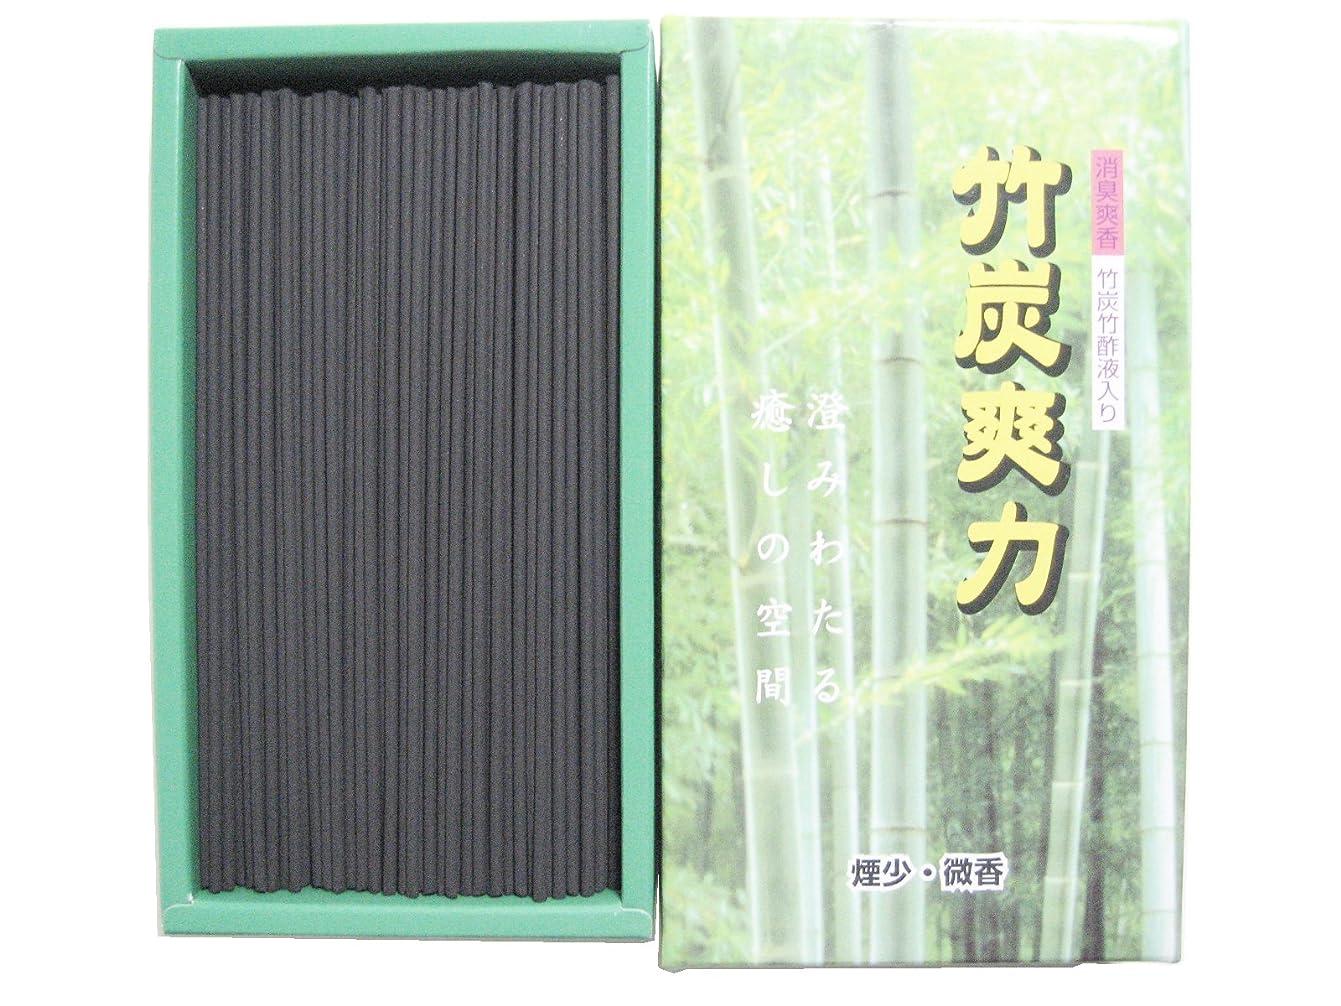 表現ビュッフェモス淡路梅薫堂のけむりの少ない竹炭お線香 竹炭爽力微香 95g #250 ×2